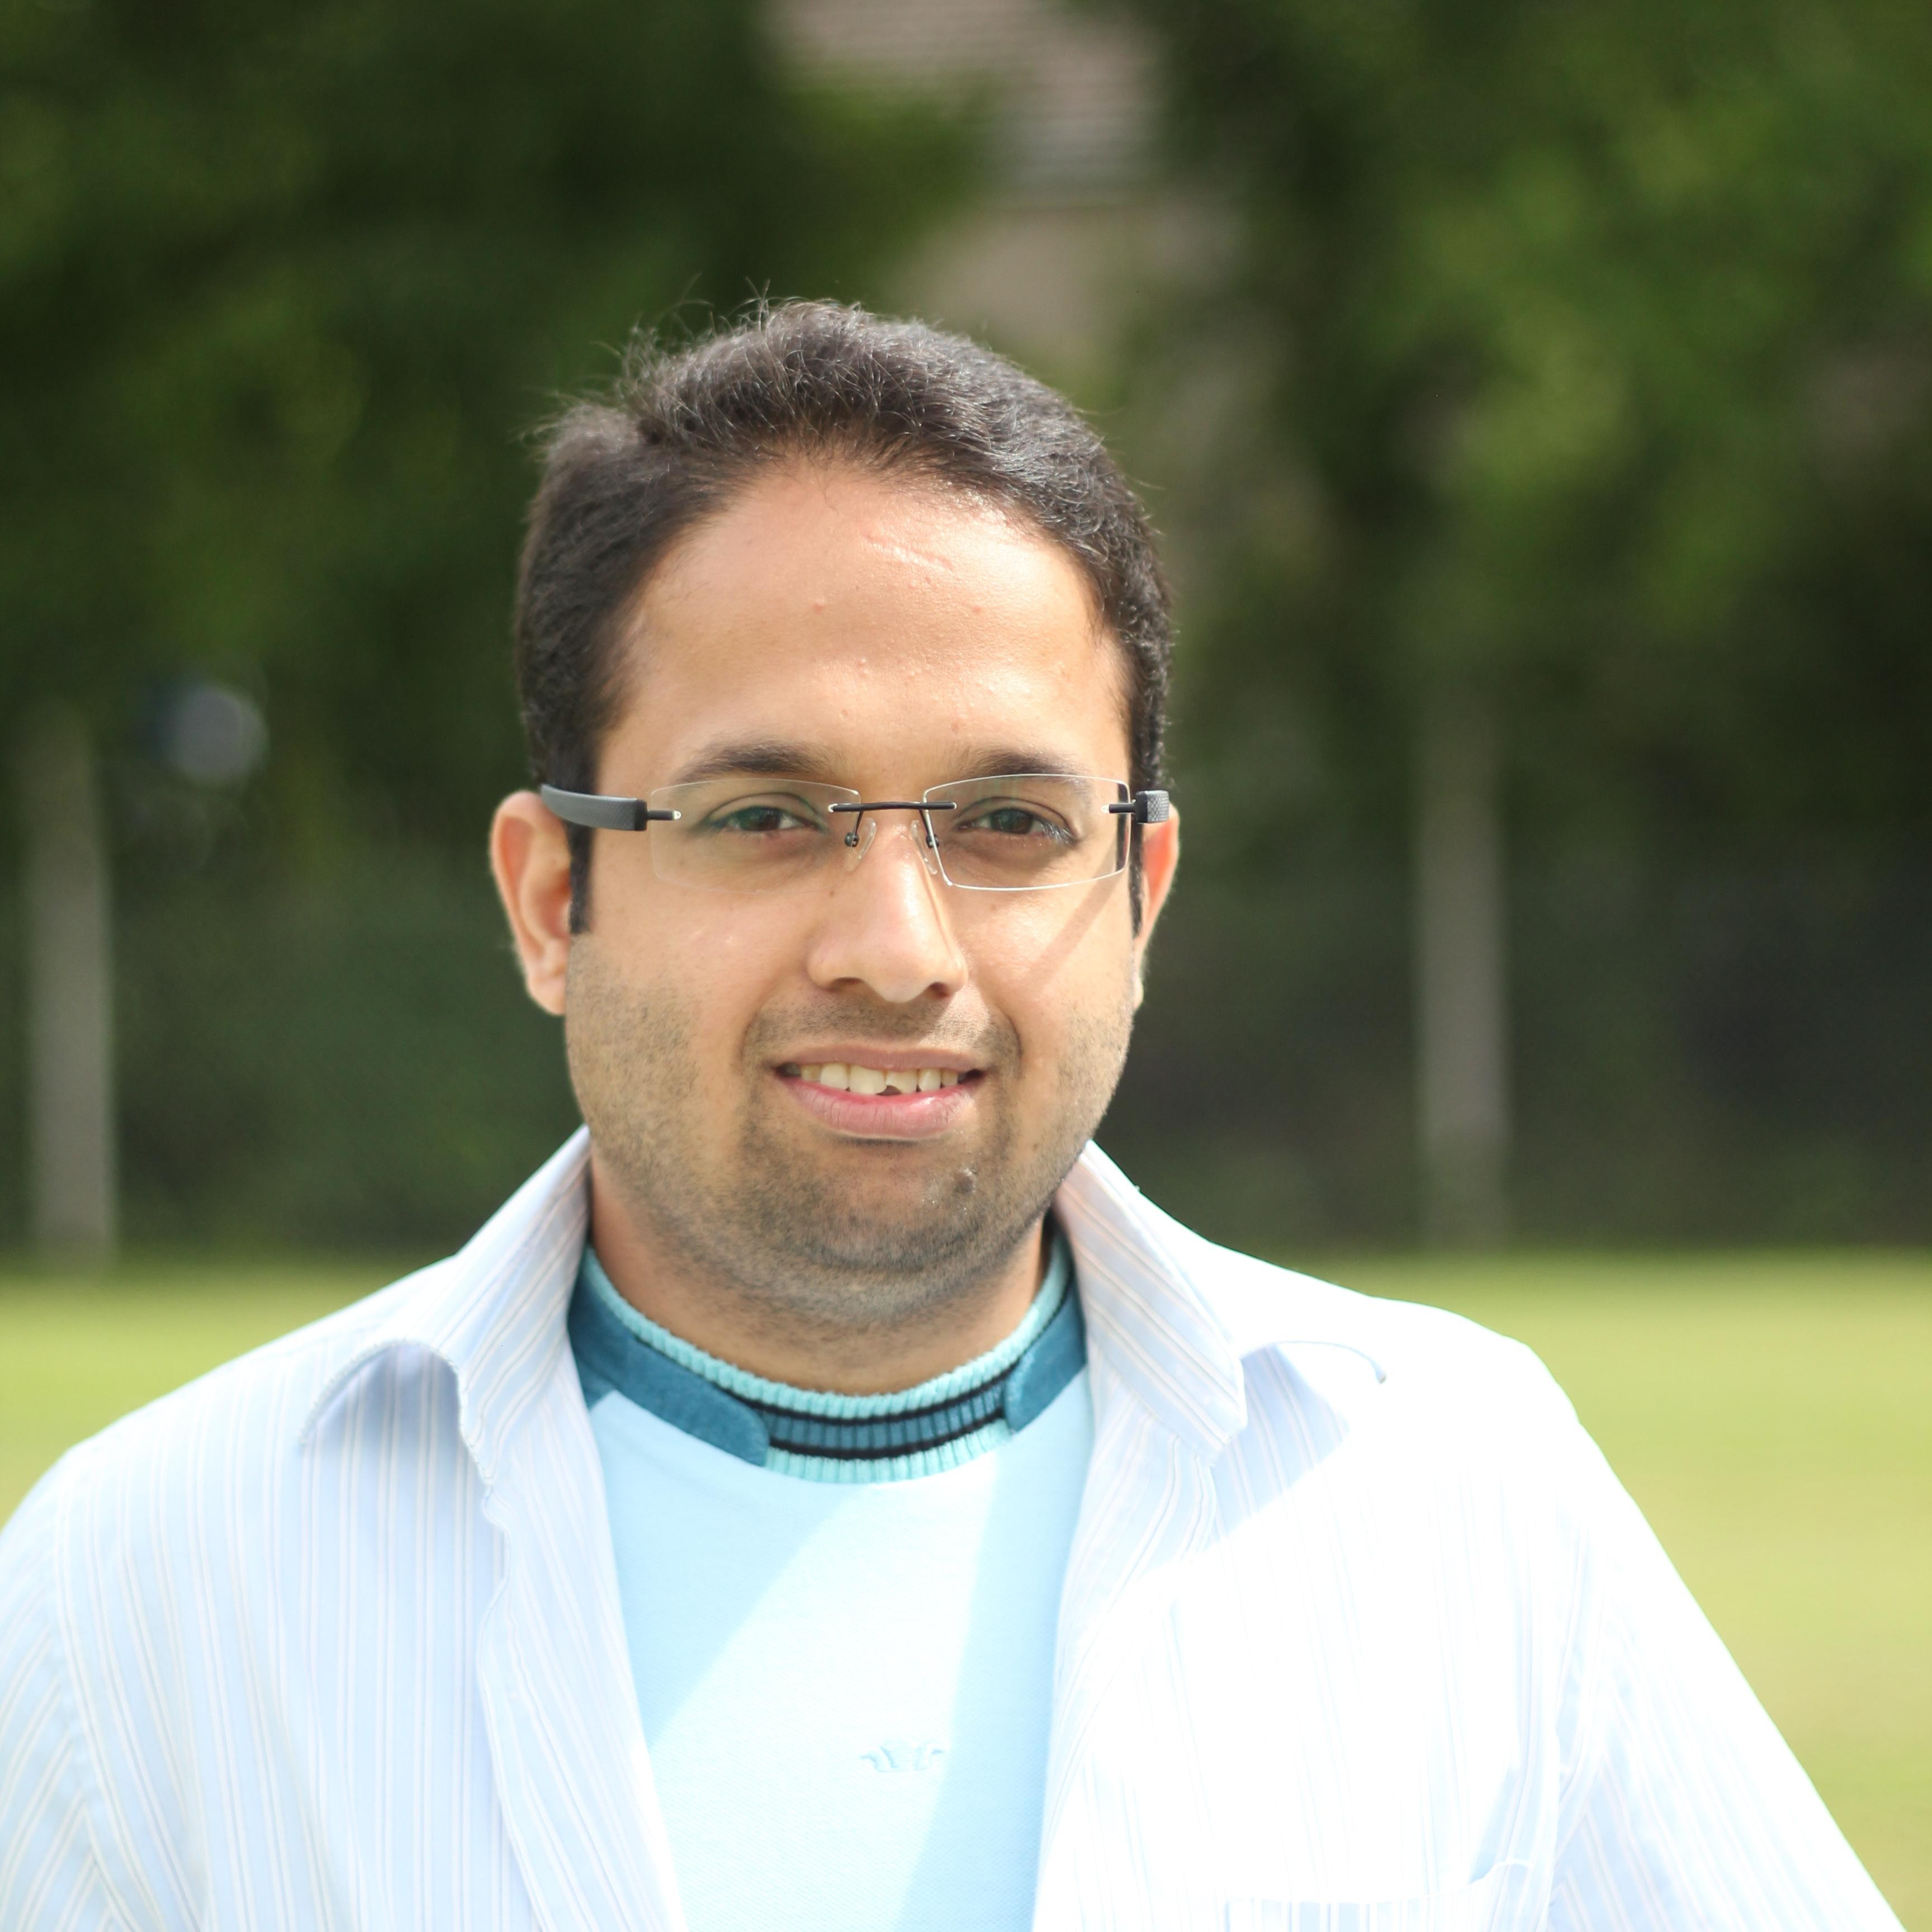 Mr Ghalib Janjua